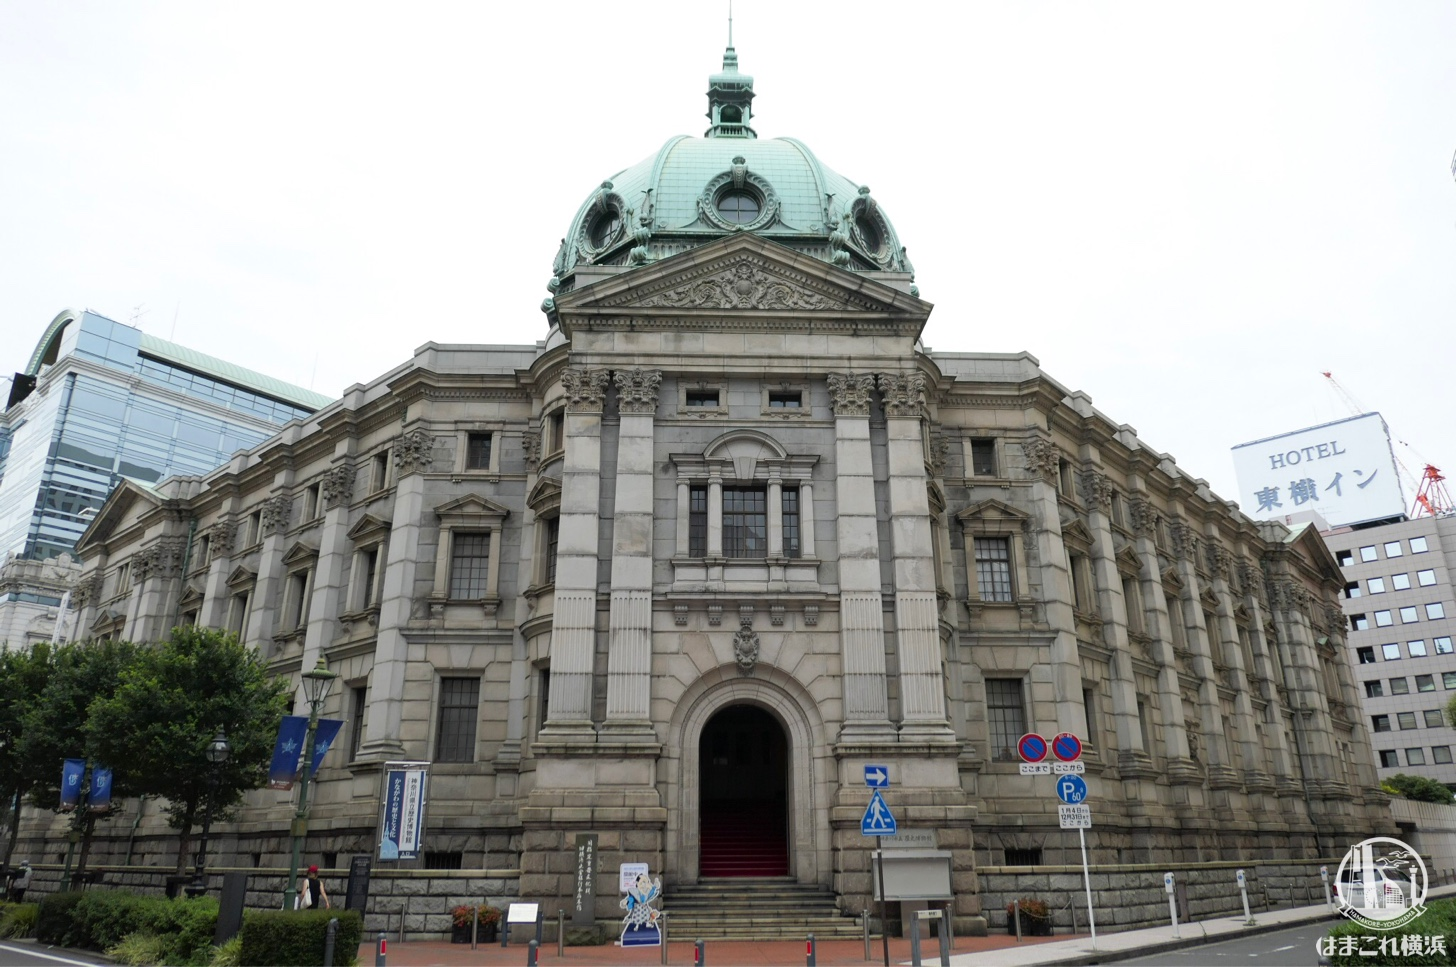 神奈川県立歴史博物館 外観